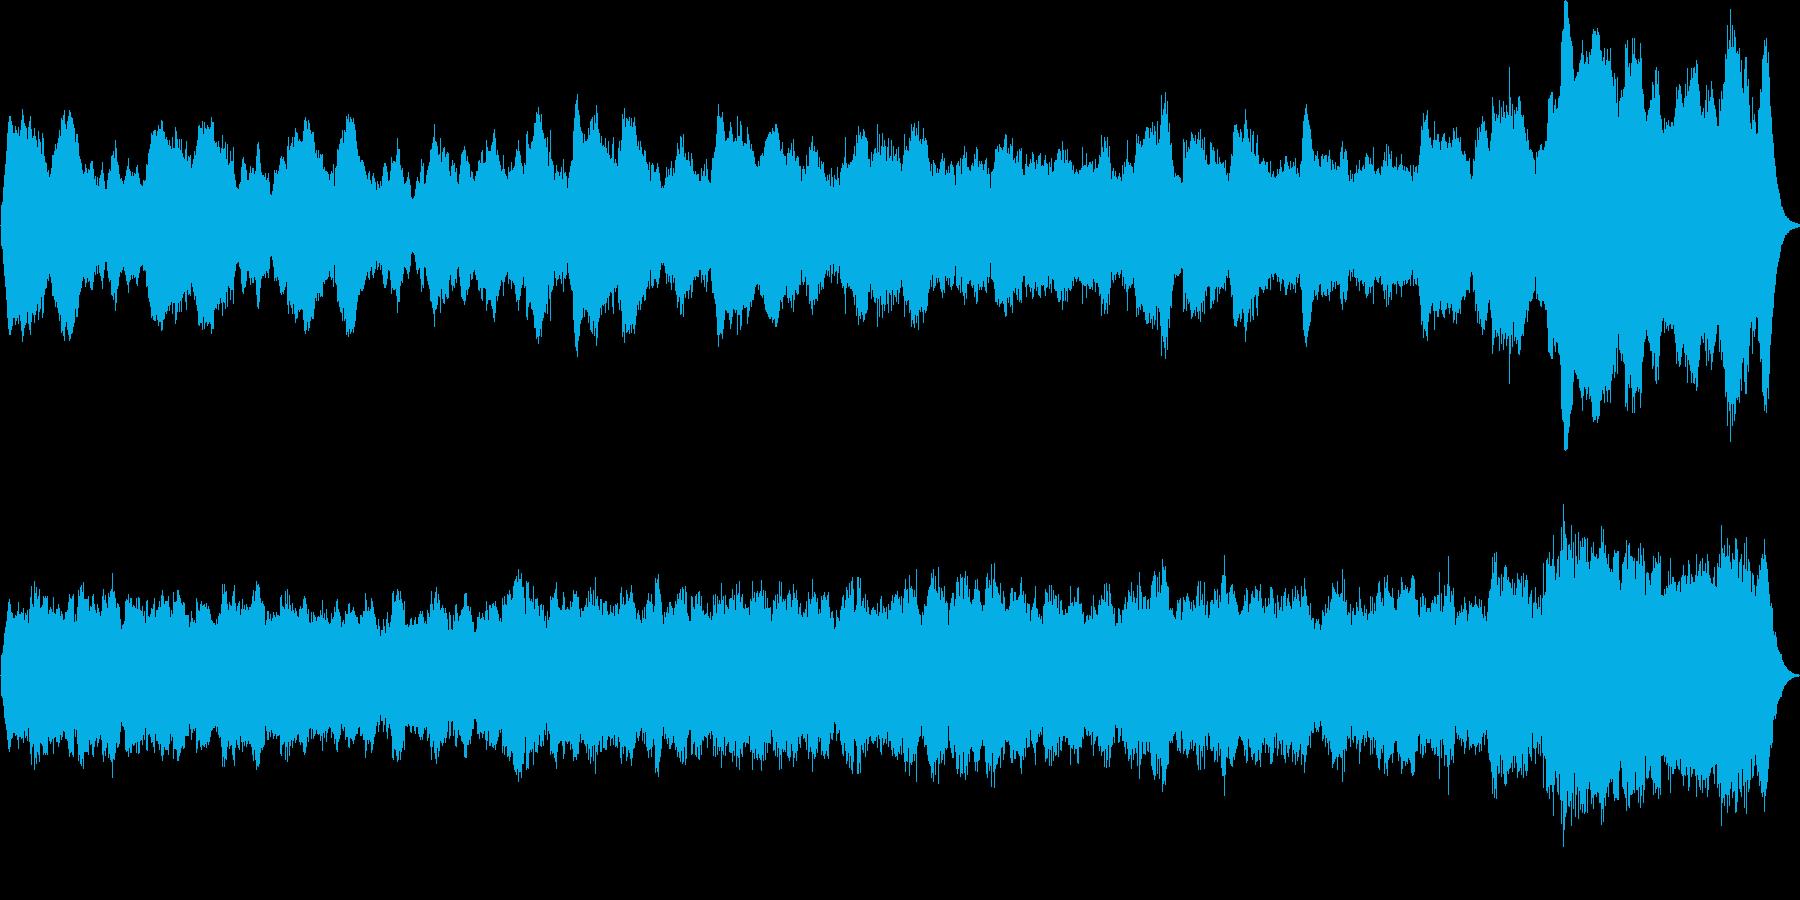 パイプオルガンの曲です。50秒 荘厳の再生済みの波形